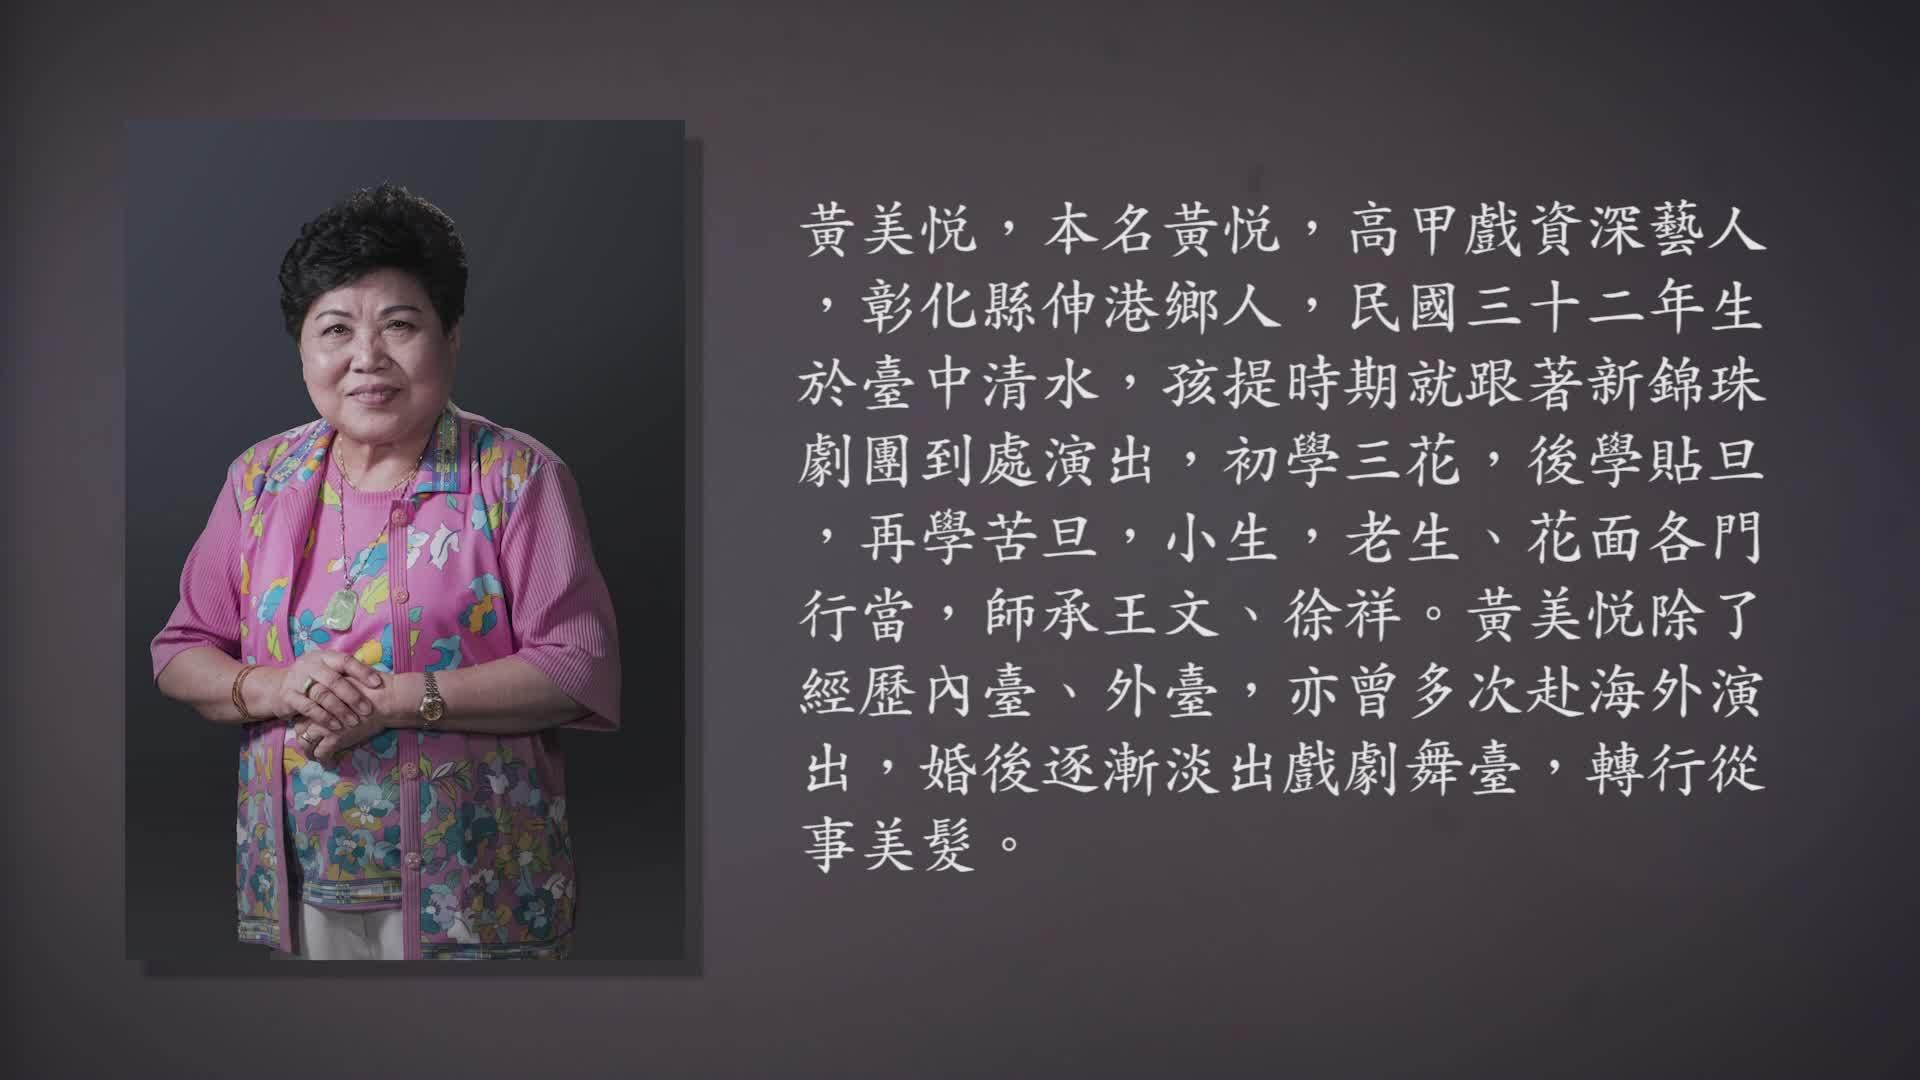 技藝.記憶-傳統藝術藝人口述歷史影像紀錄計畫-黃美悅精華片段